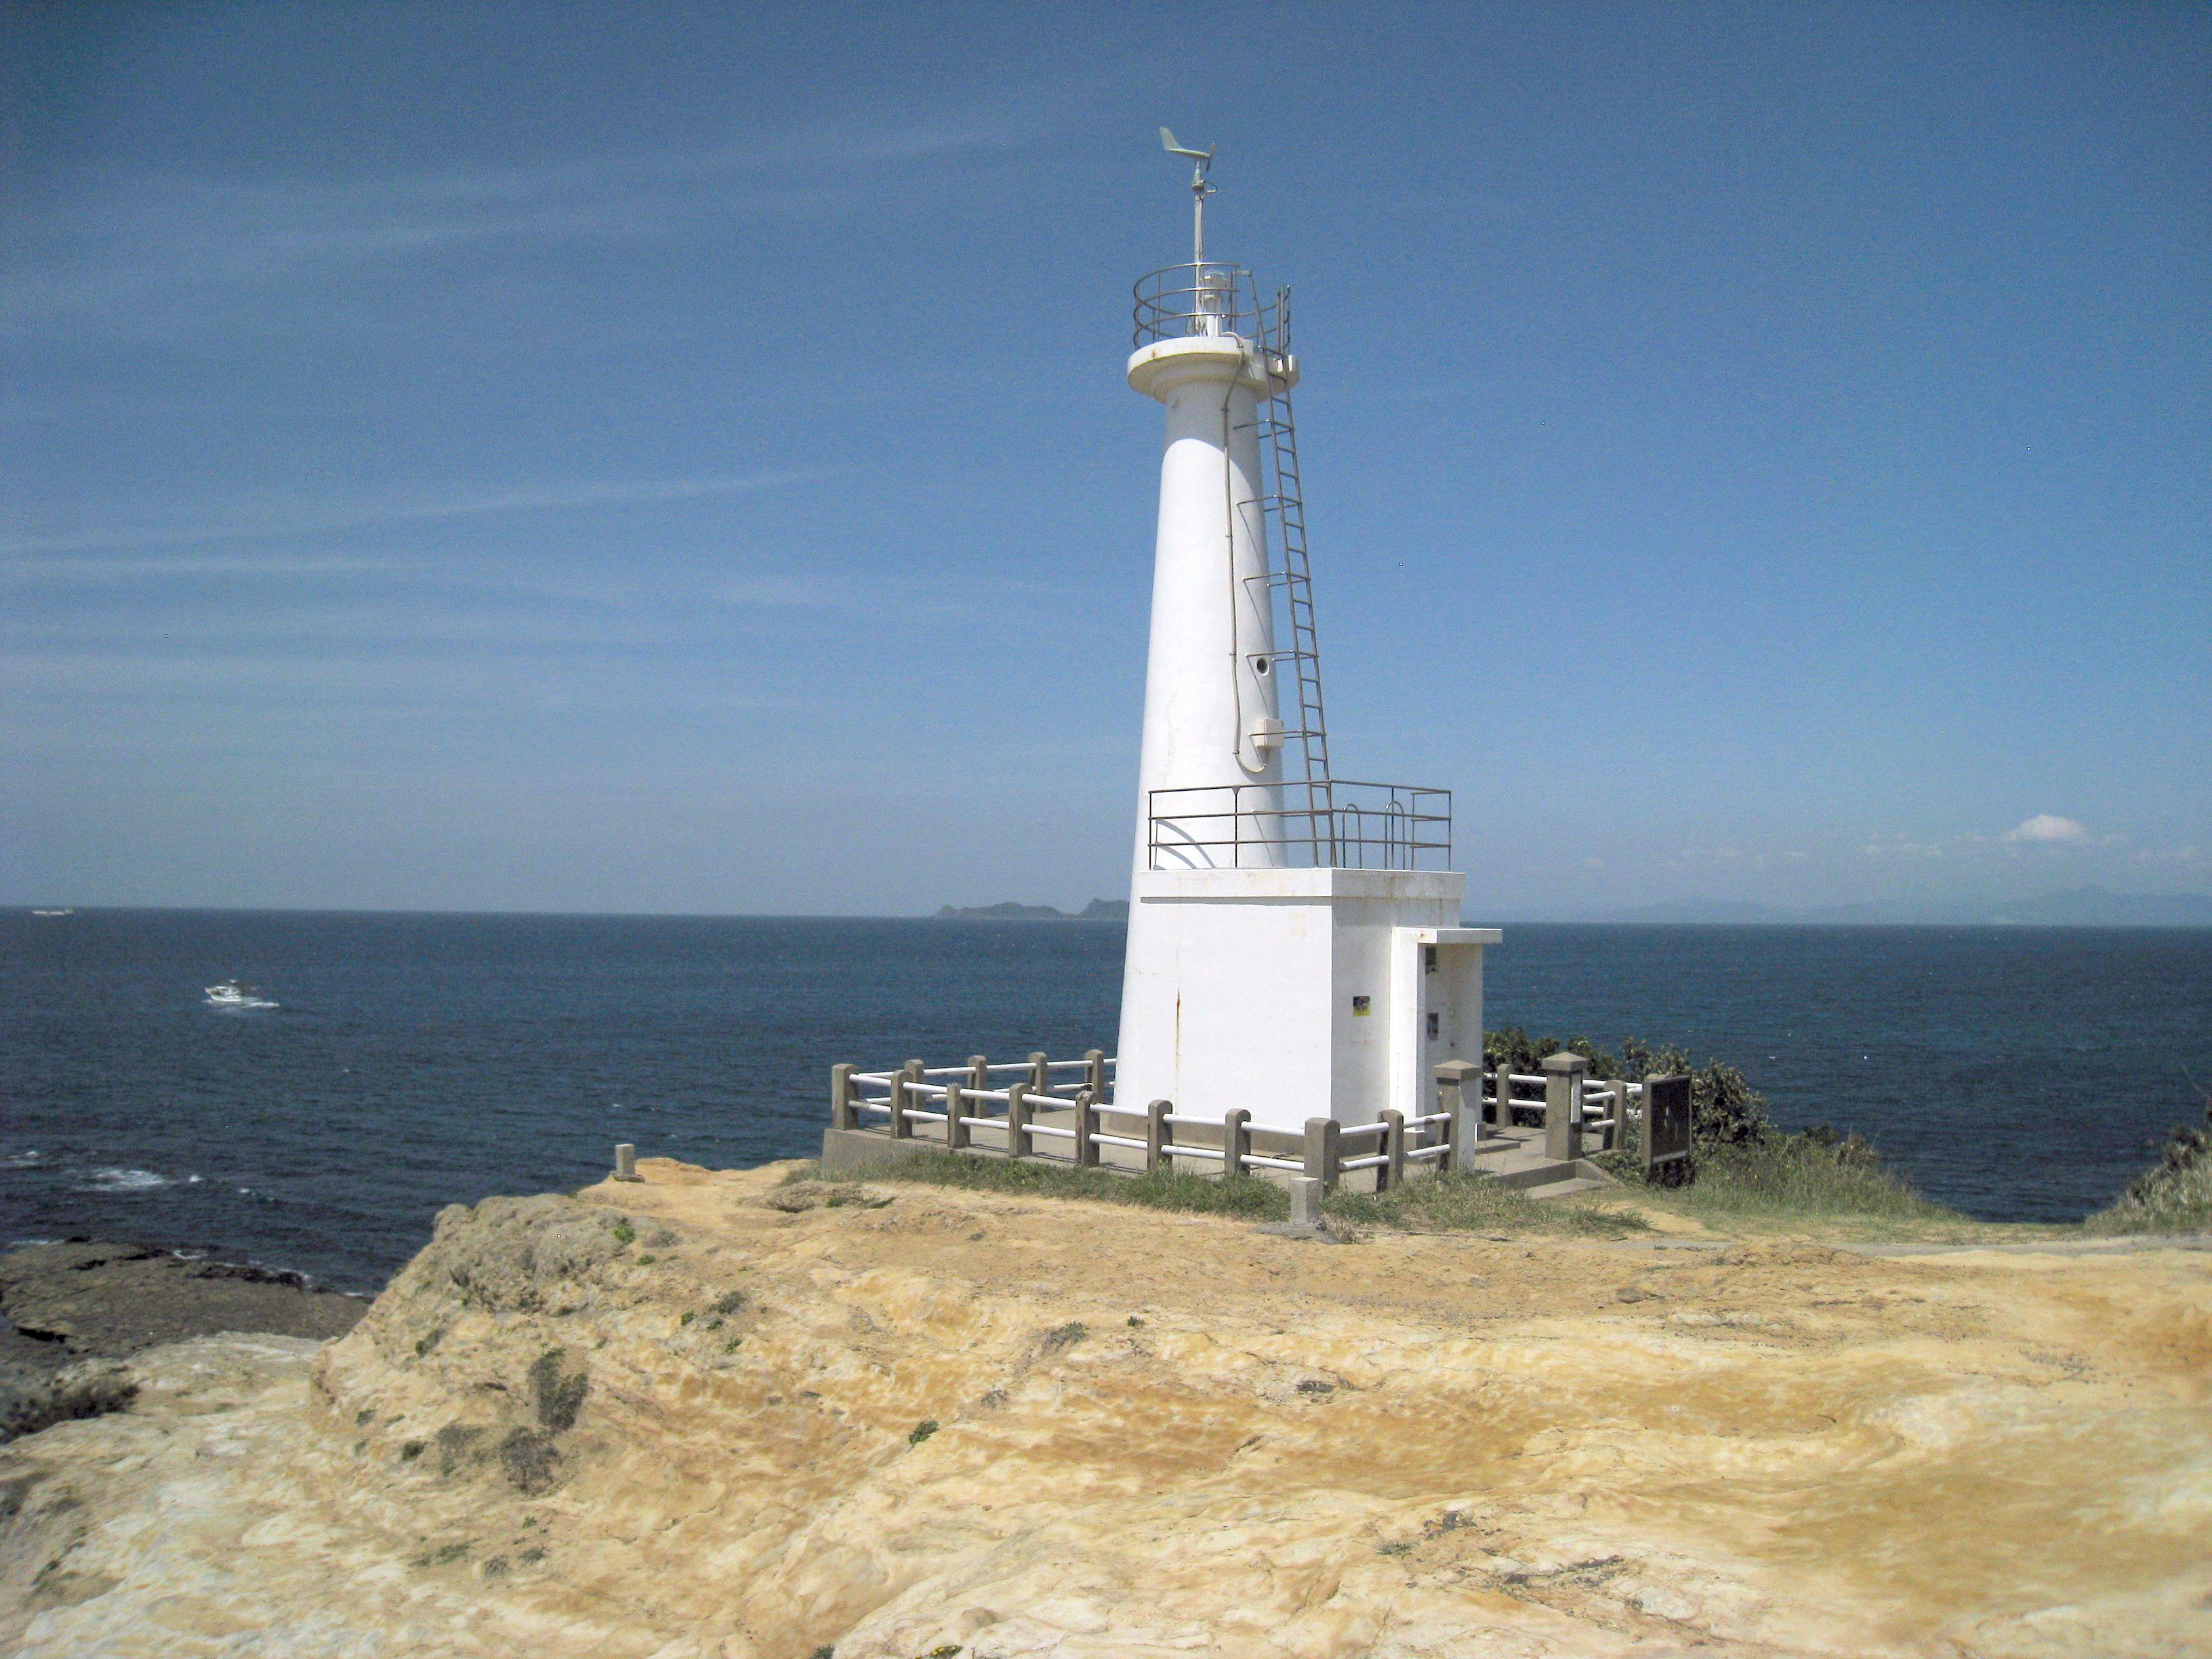 素材 海と灯台のある風景 著作権フリー…